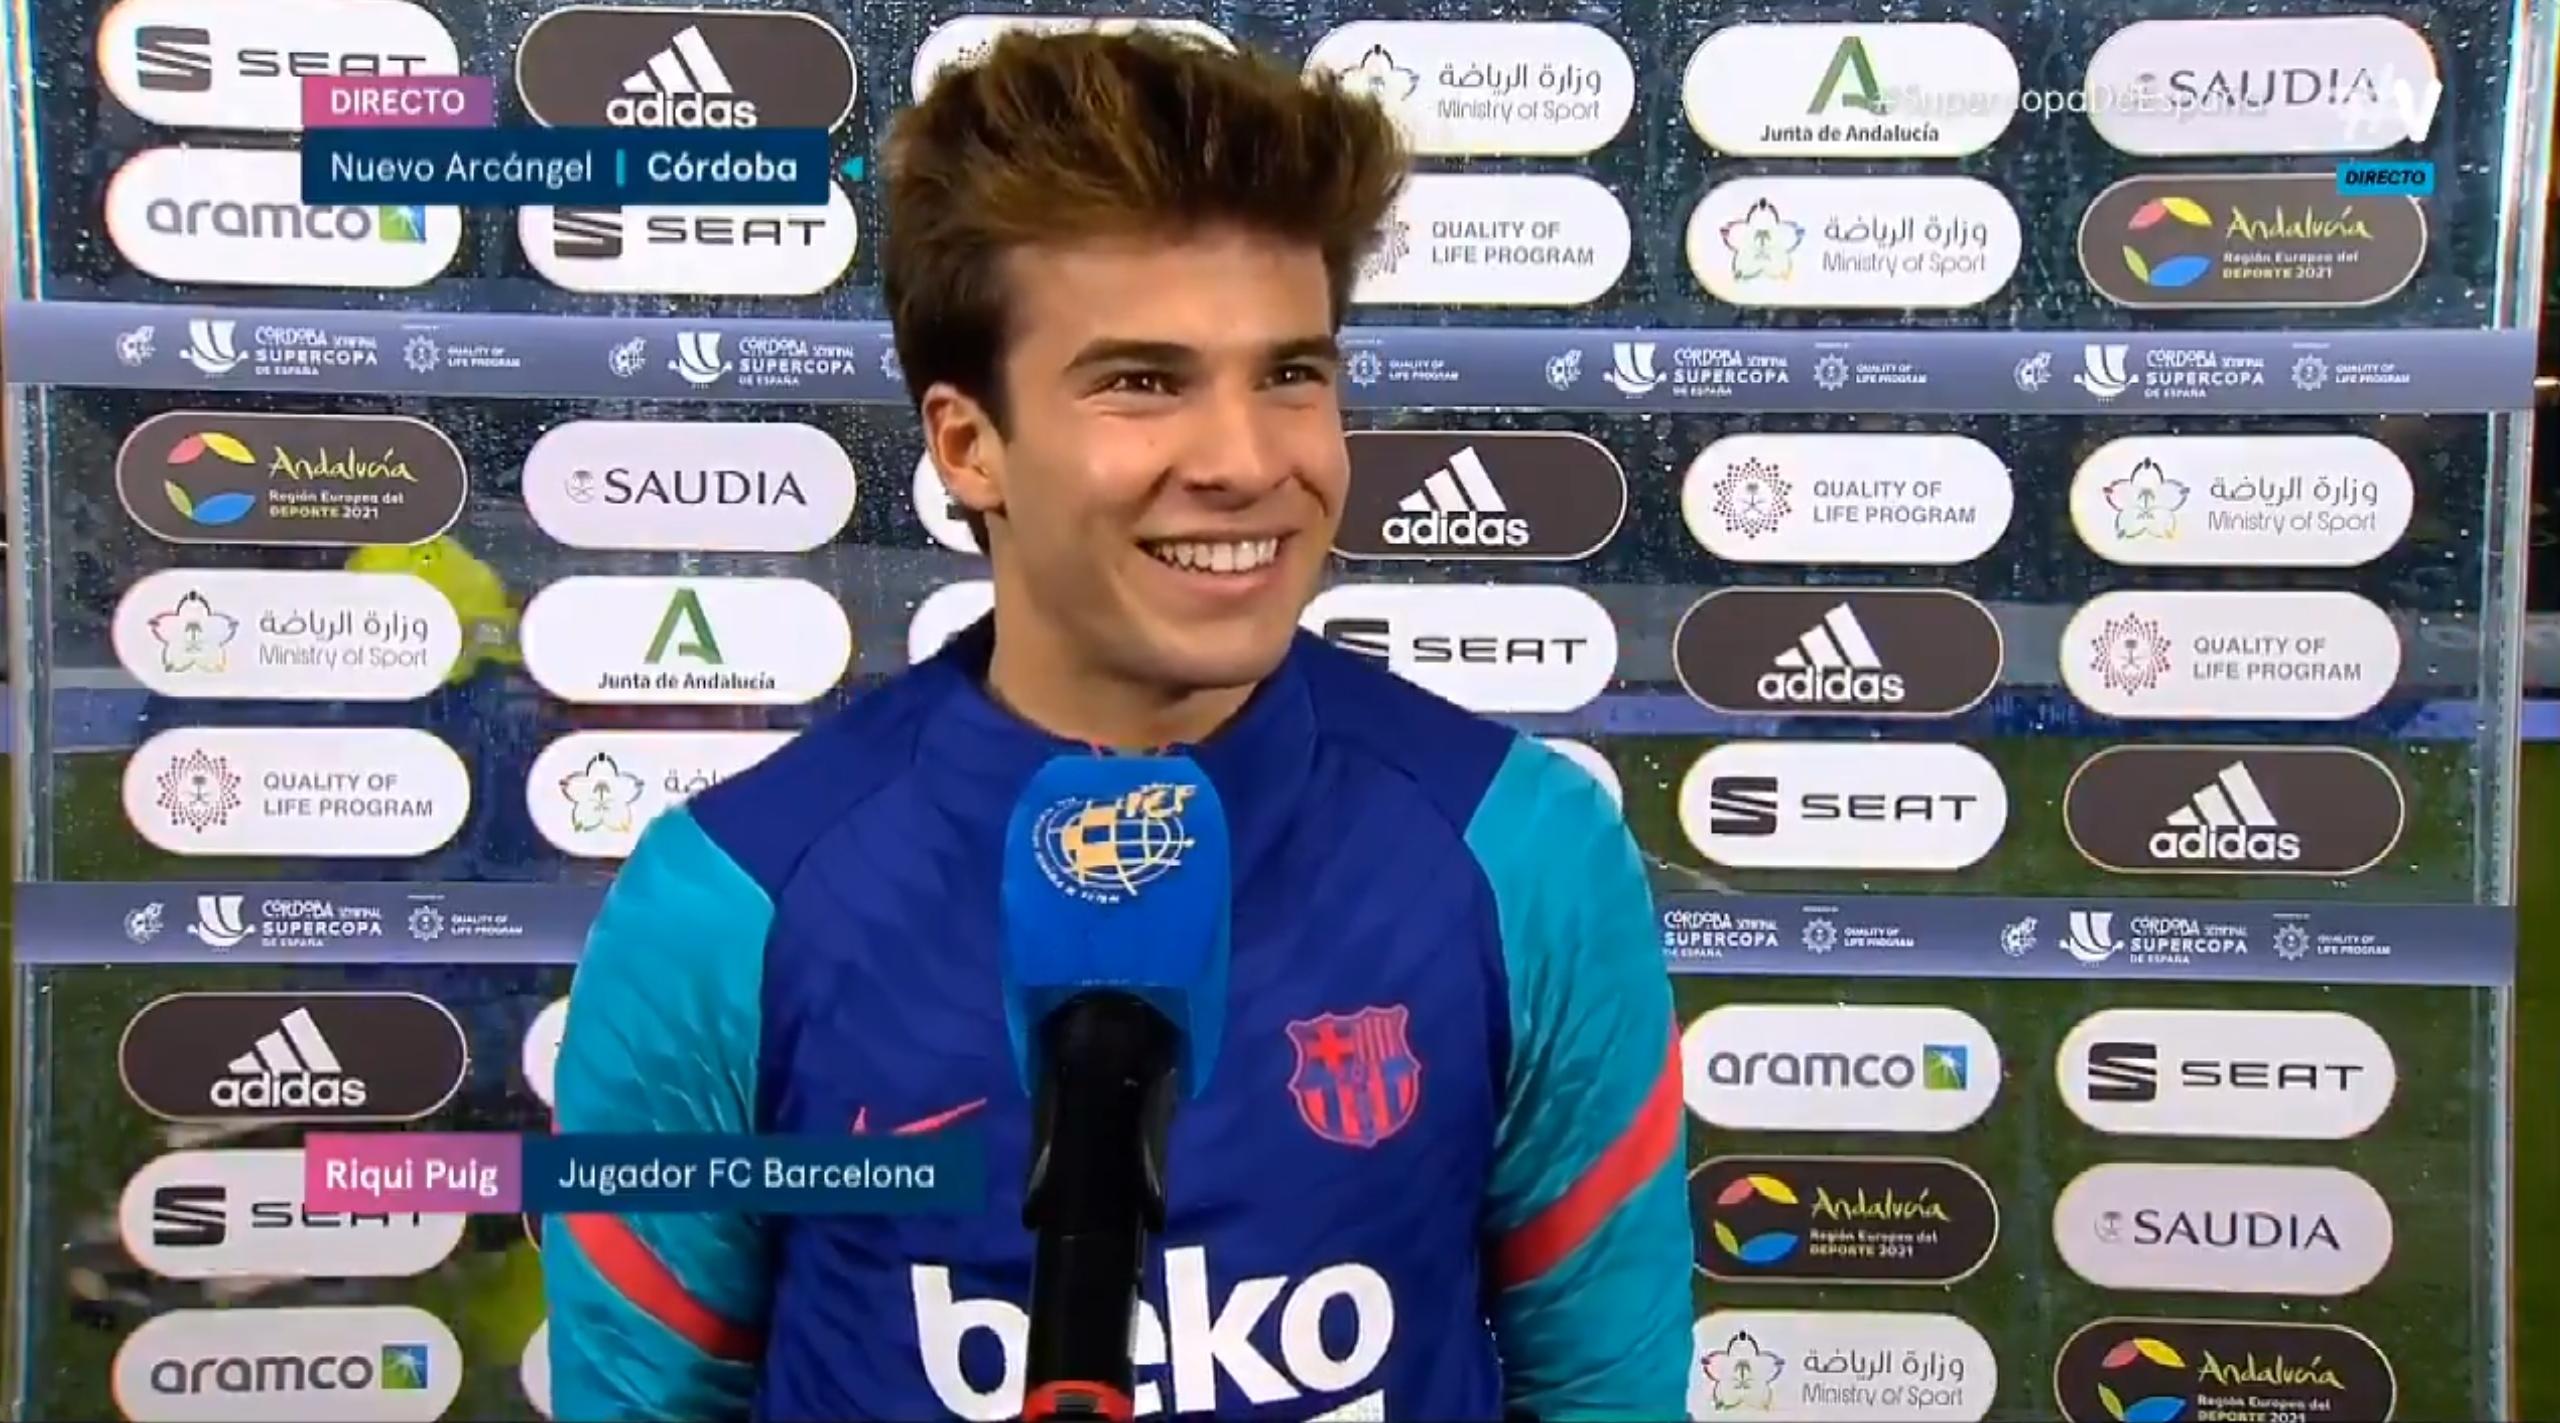 西甲联赛冠军 普吉:罚之前我就知道点球能进,格子早踢进点球不就完事了